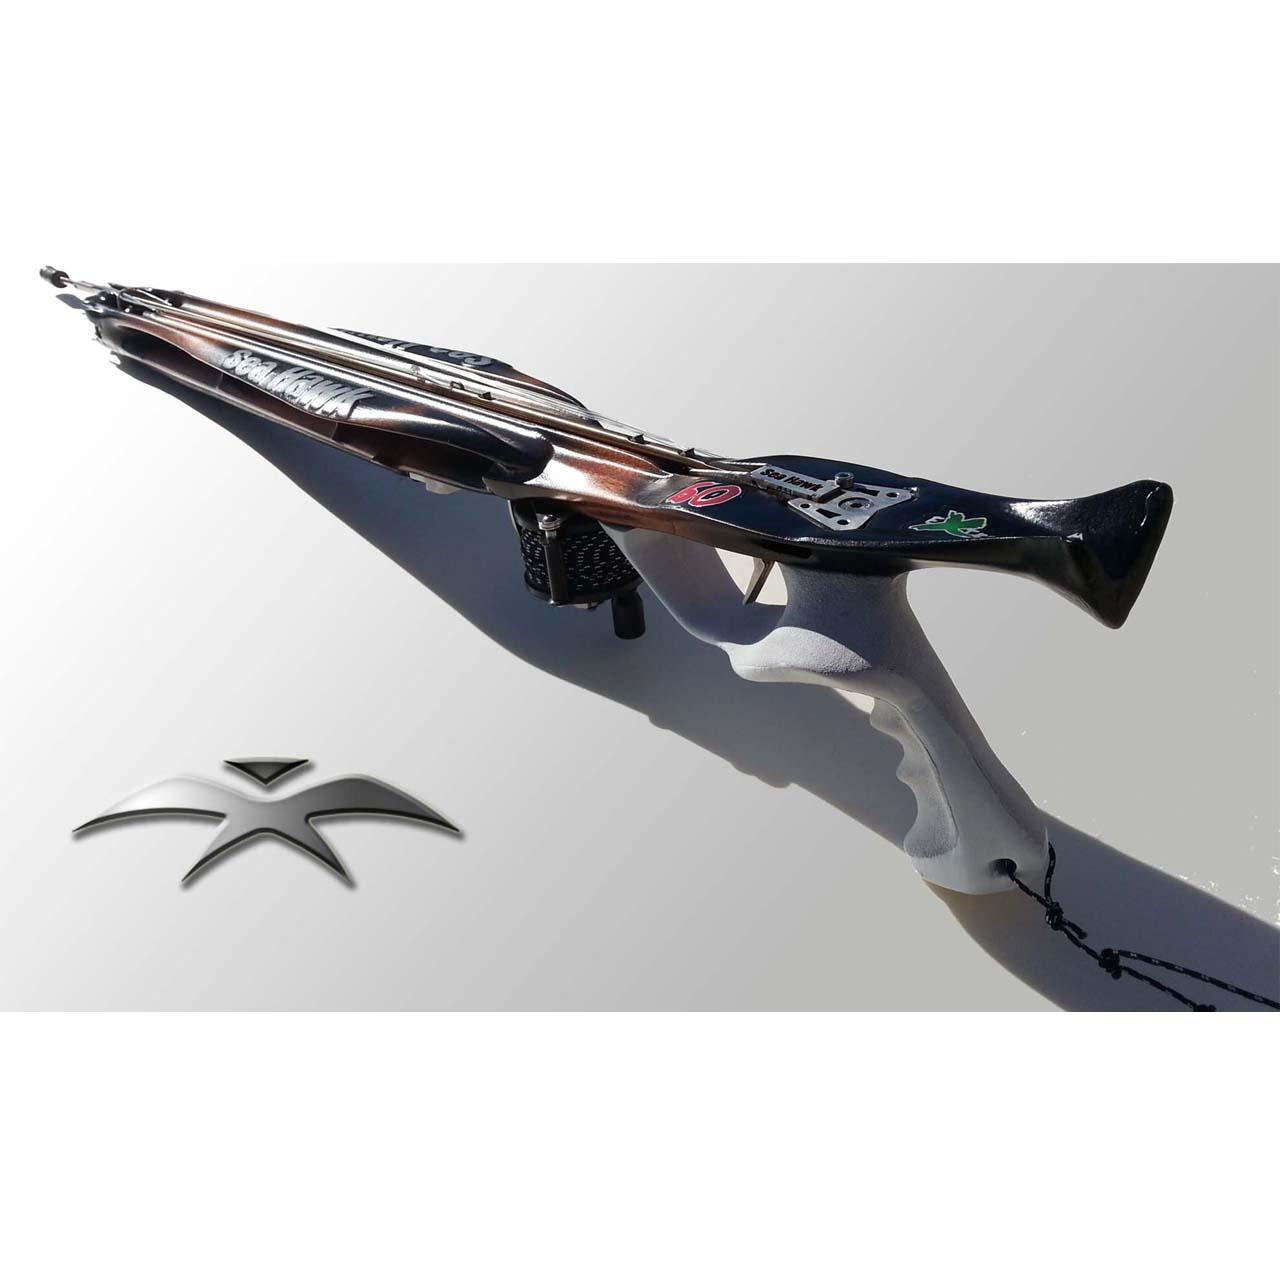 seahawksub_E1-60_10_1